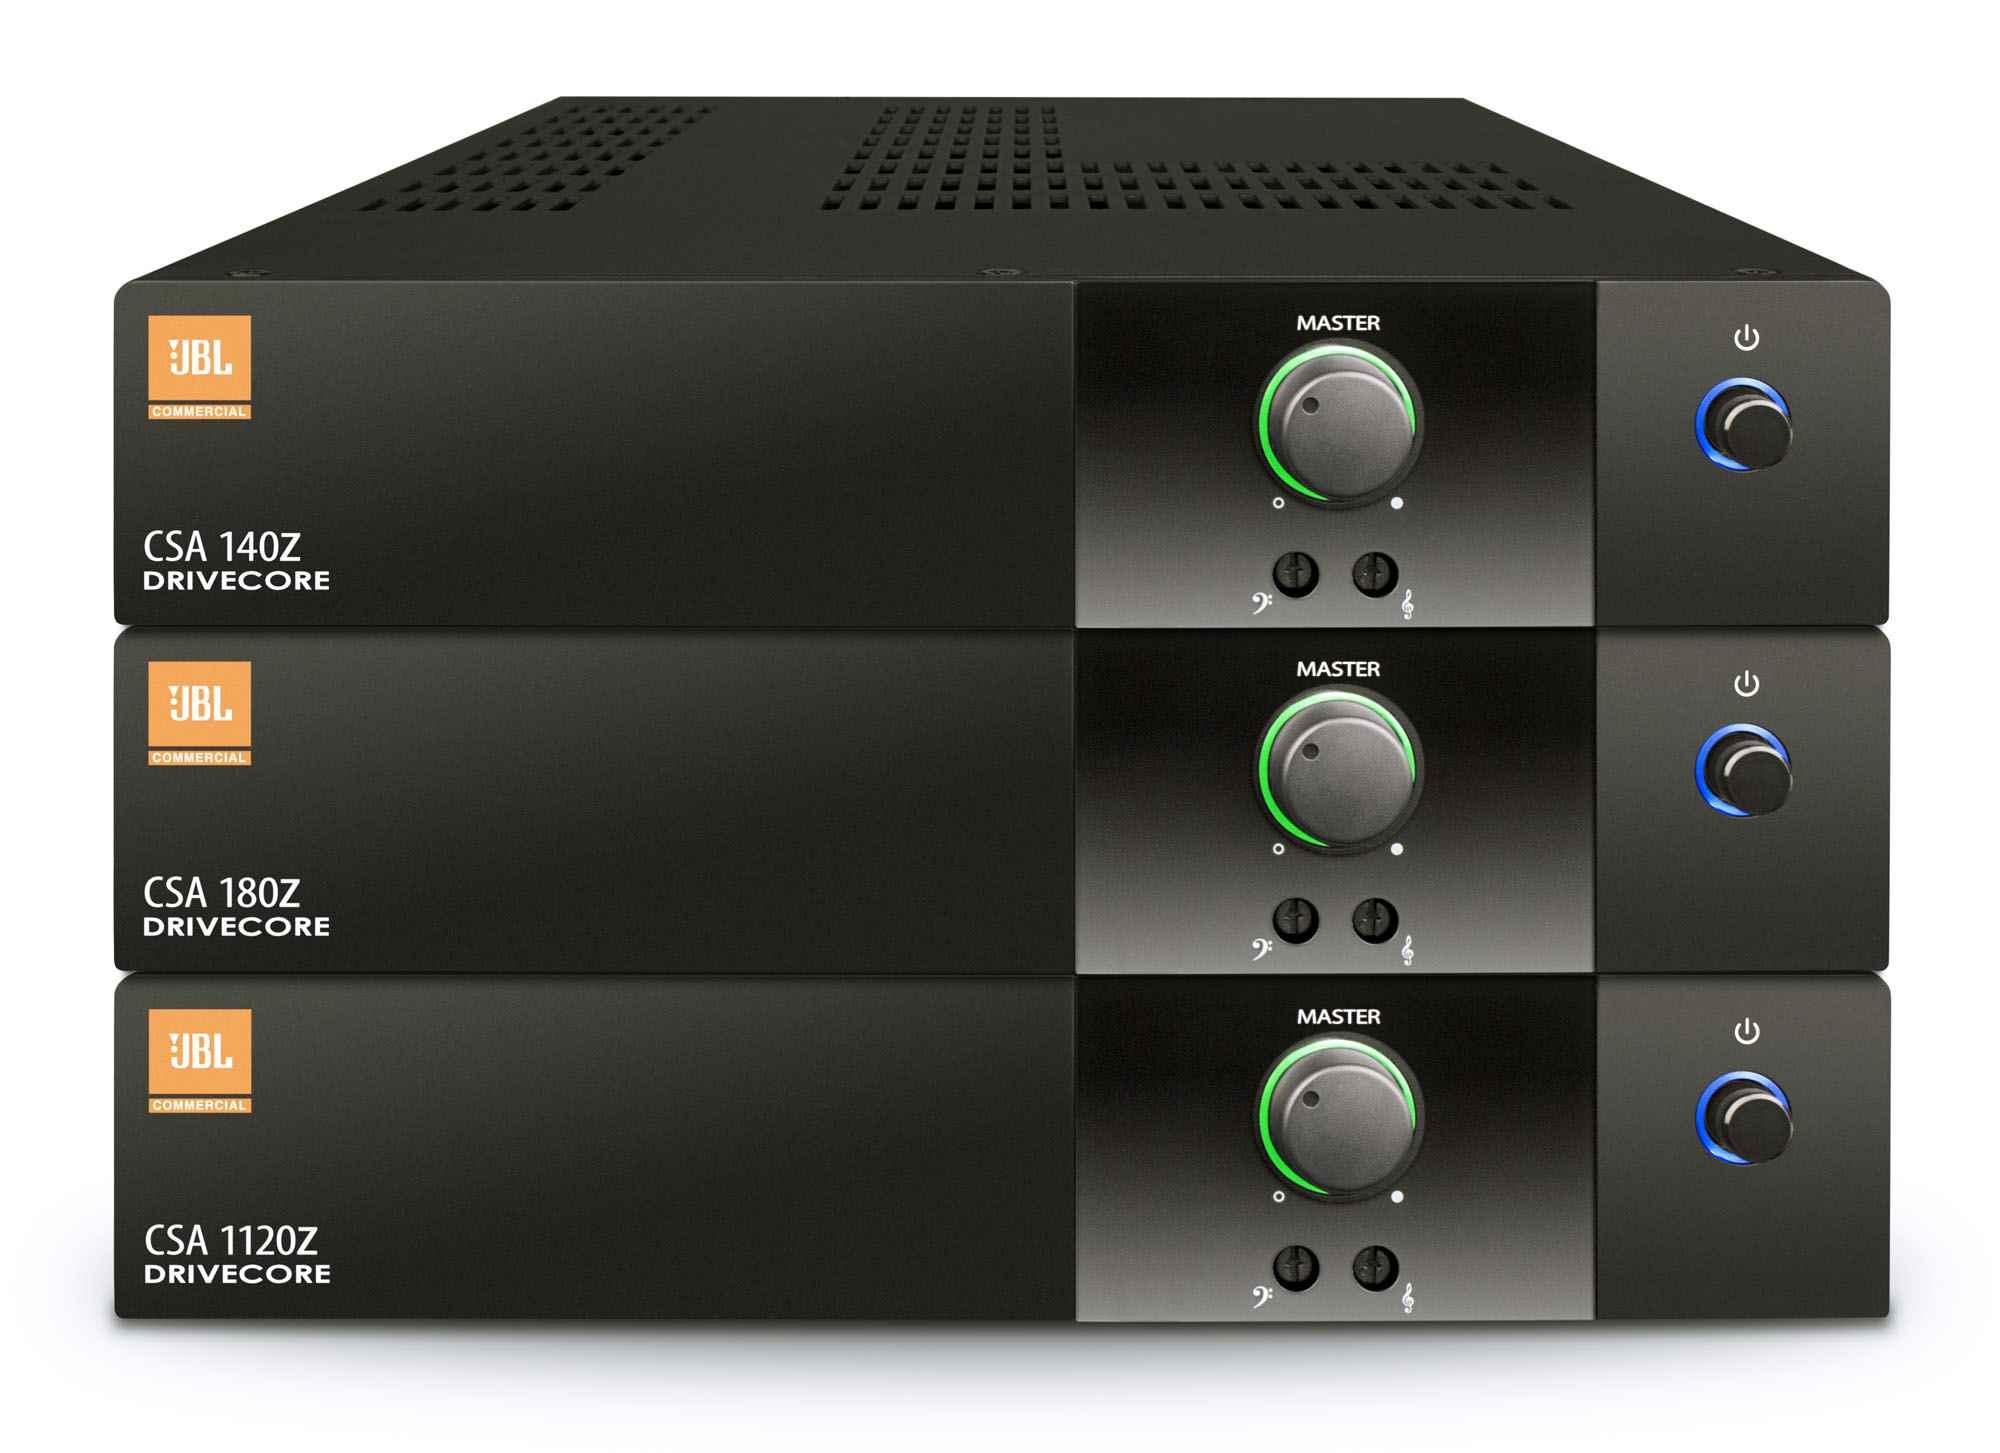 پاور آمپلی فایر آنالوگ محصول کمپانی JBL ( جی بی ال ) سری CSA Series